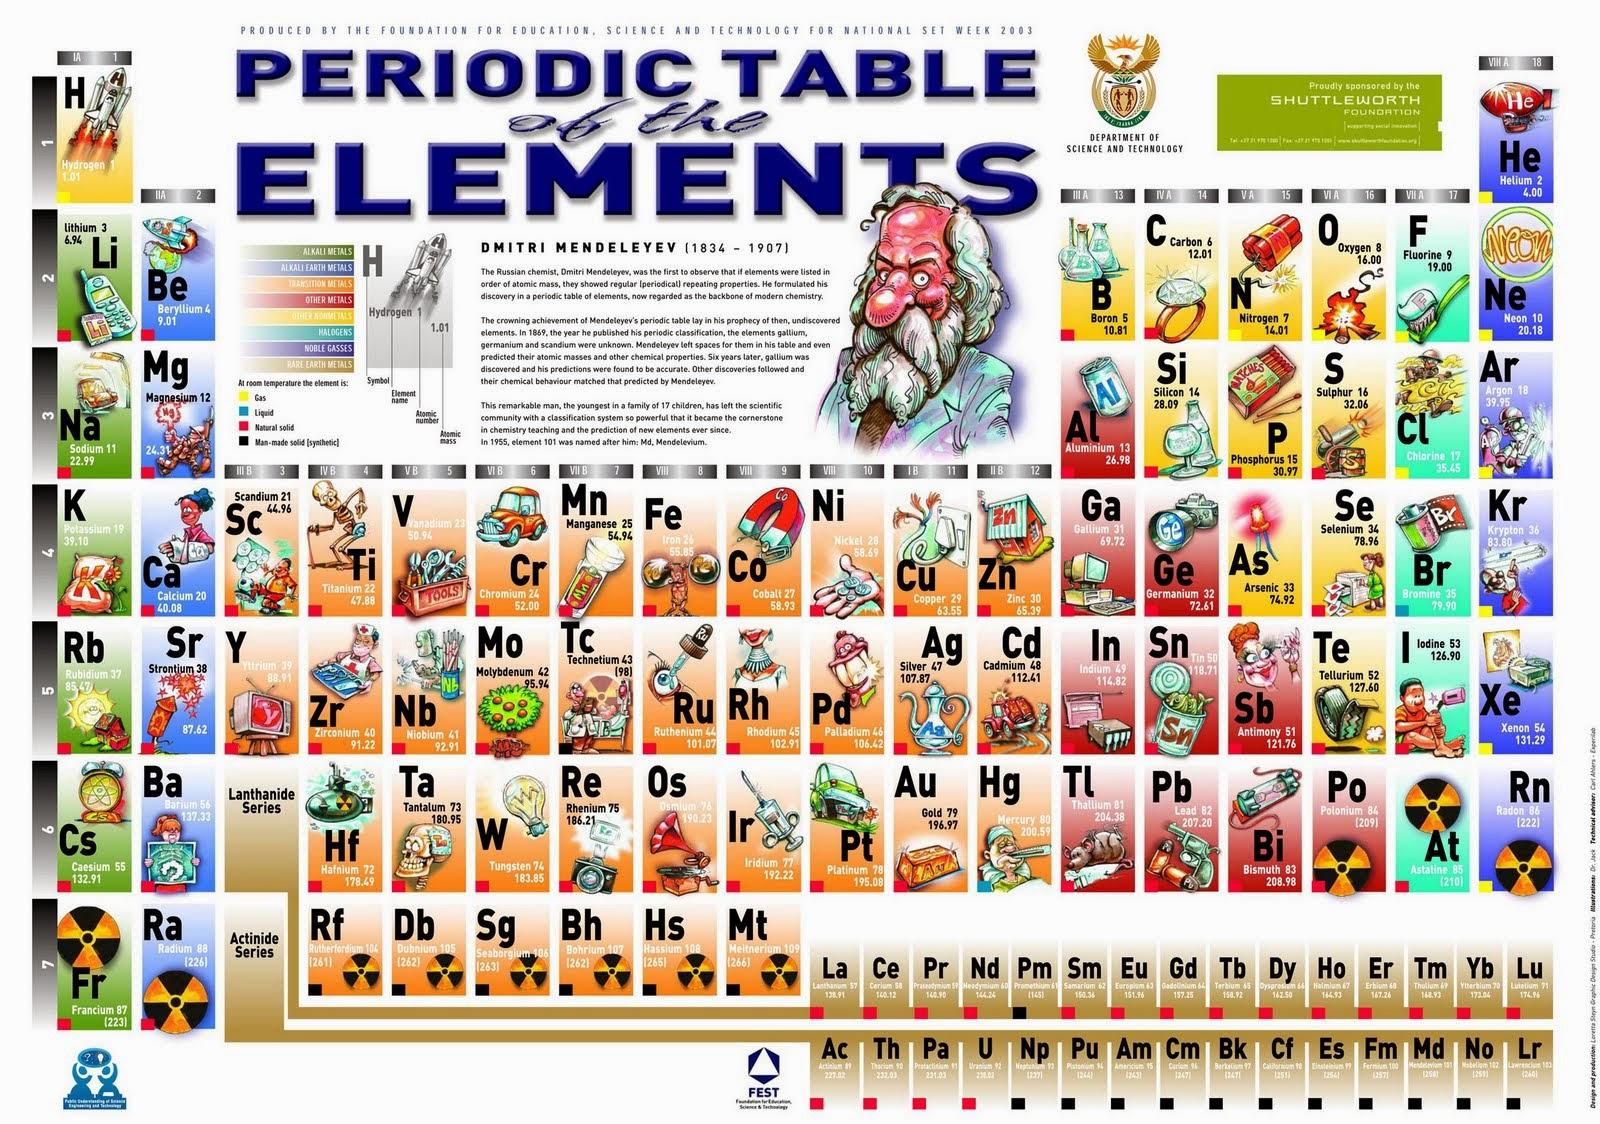 Sciencemix aprendiendo la tabla peridica tabla peridica con la utilidad de los elementos urtaz Choice Image